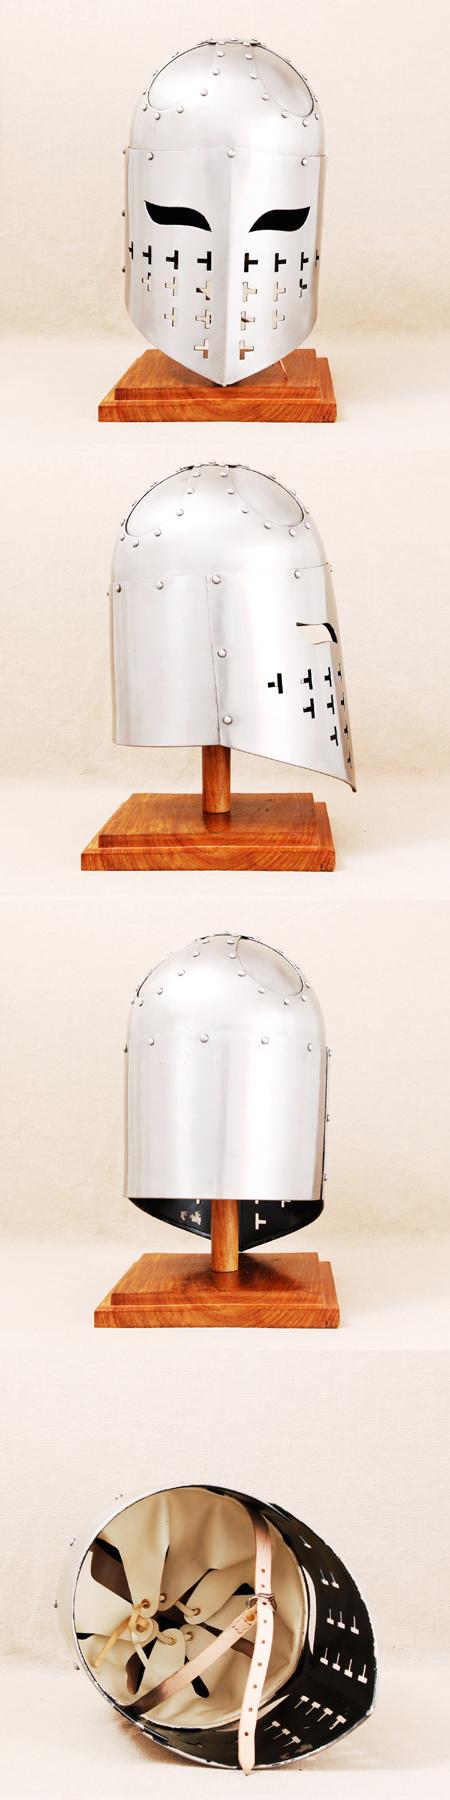 Medieval crusaders' style helmet